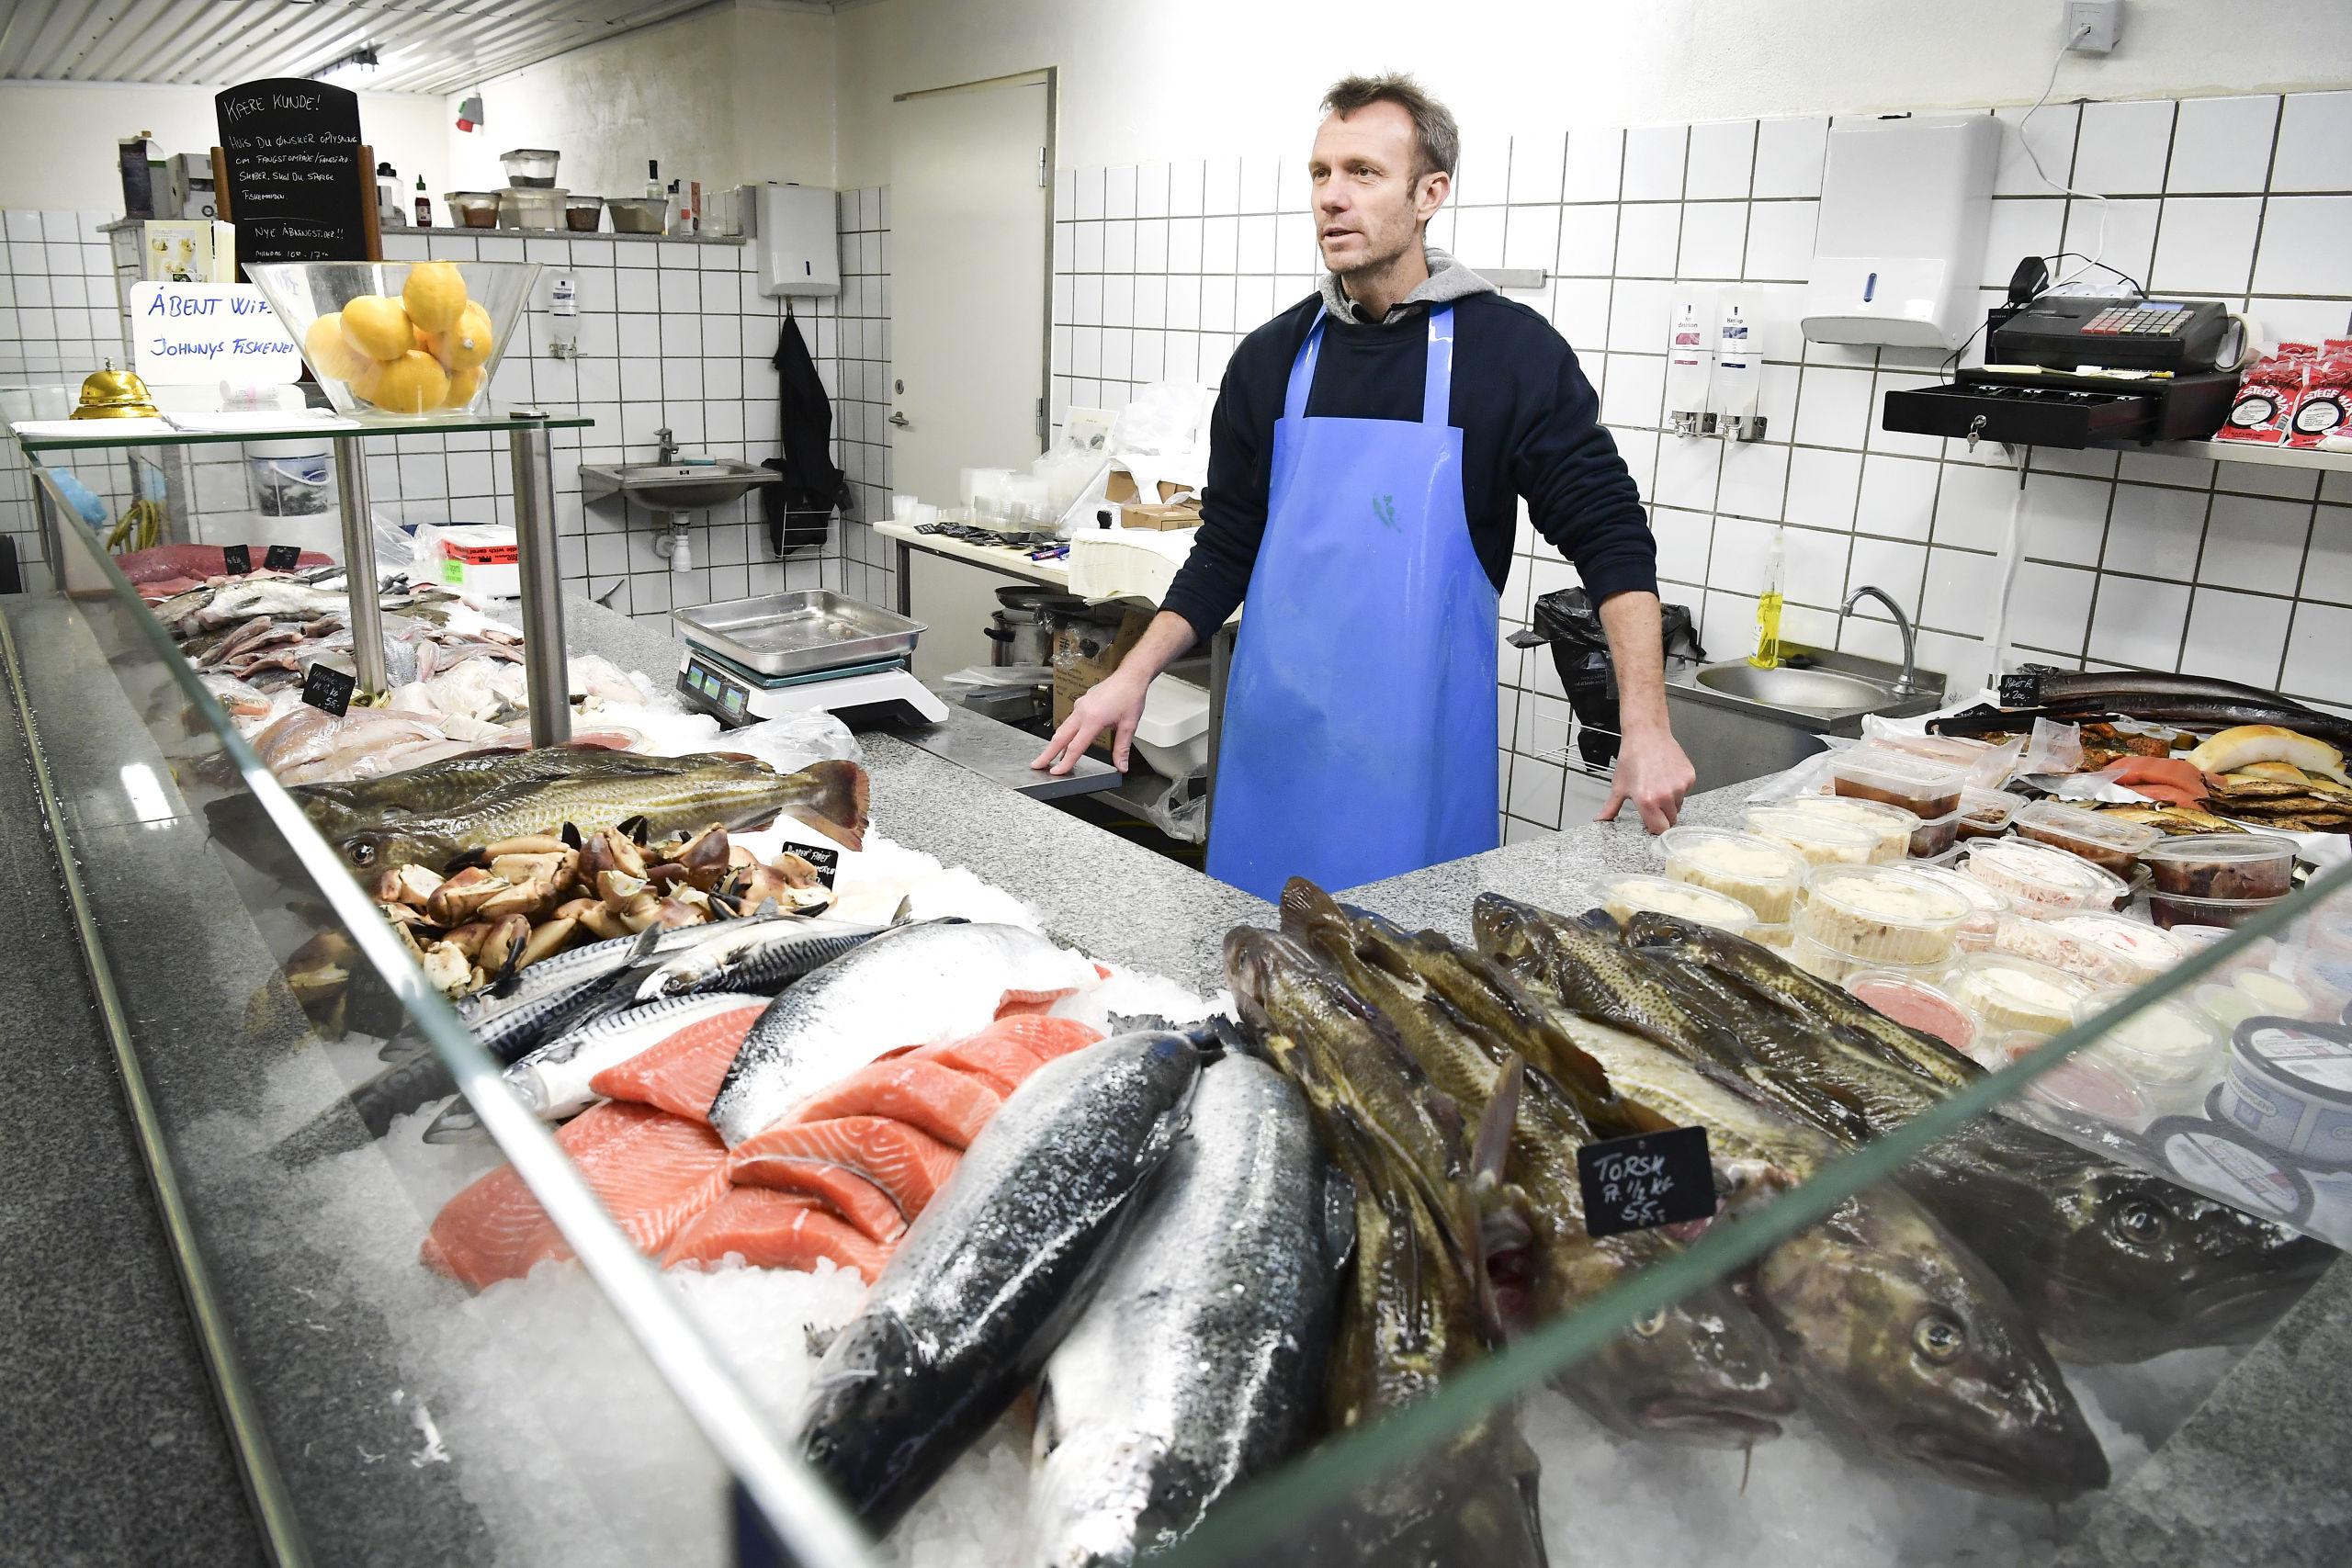 Torsk er for rigtig mange mennesker en traditionsspise, der hører sig til på spisebordet nytårsaften, men man kan selvfølgelig også vælge andet godt blandt det store udvalg fra havets spisekammer. Foto: Michael Koch